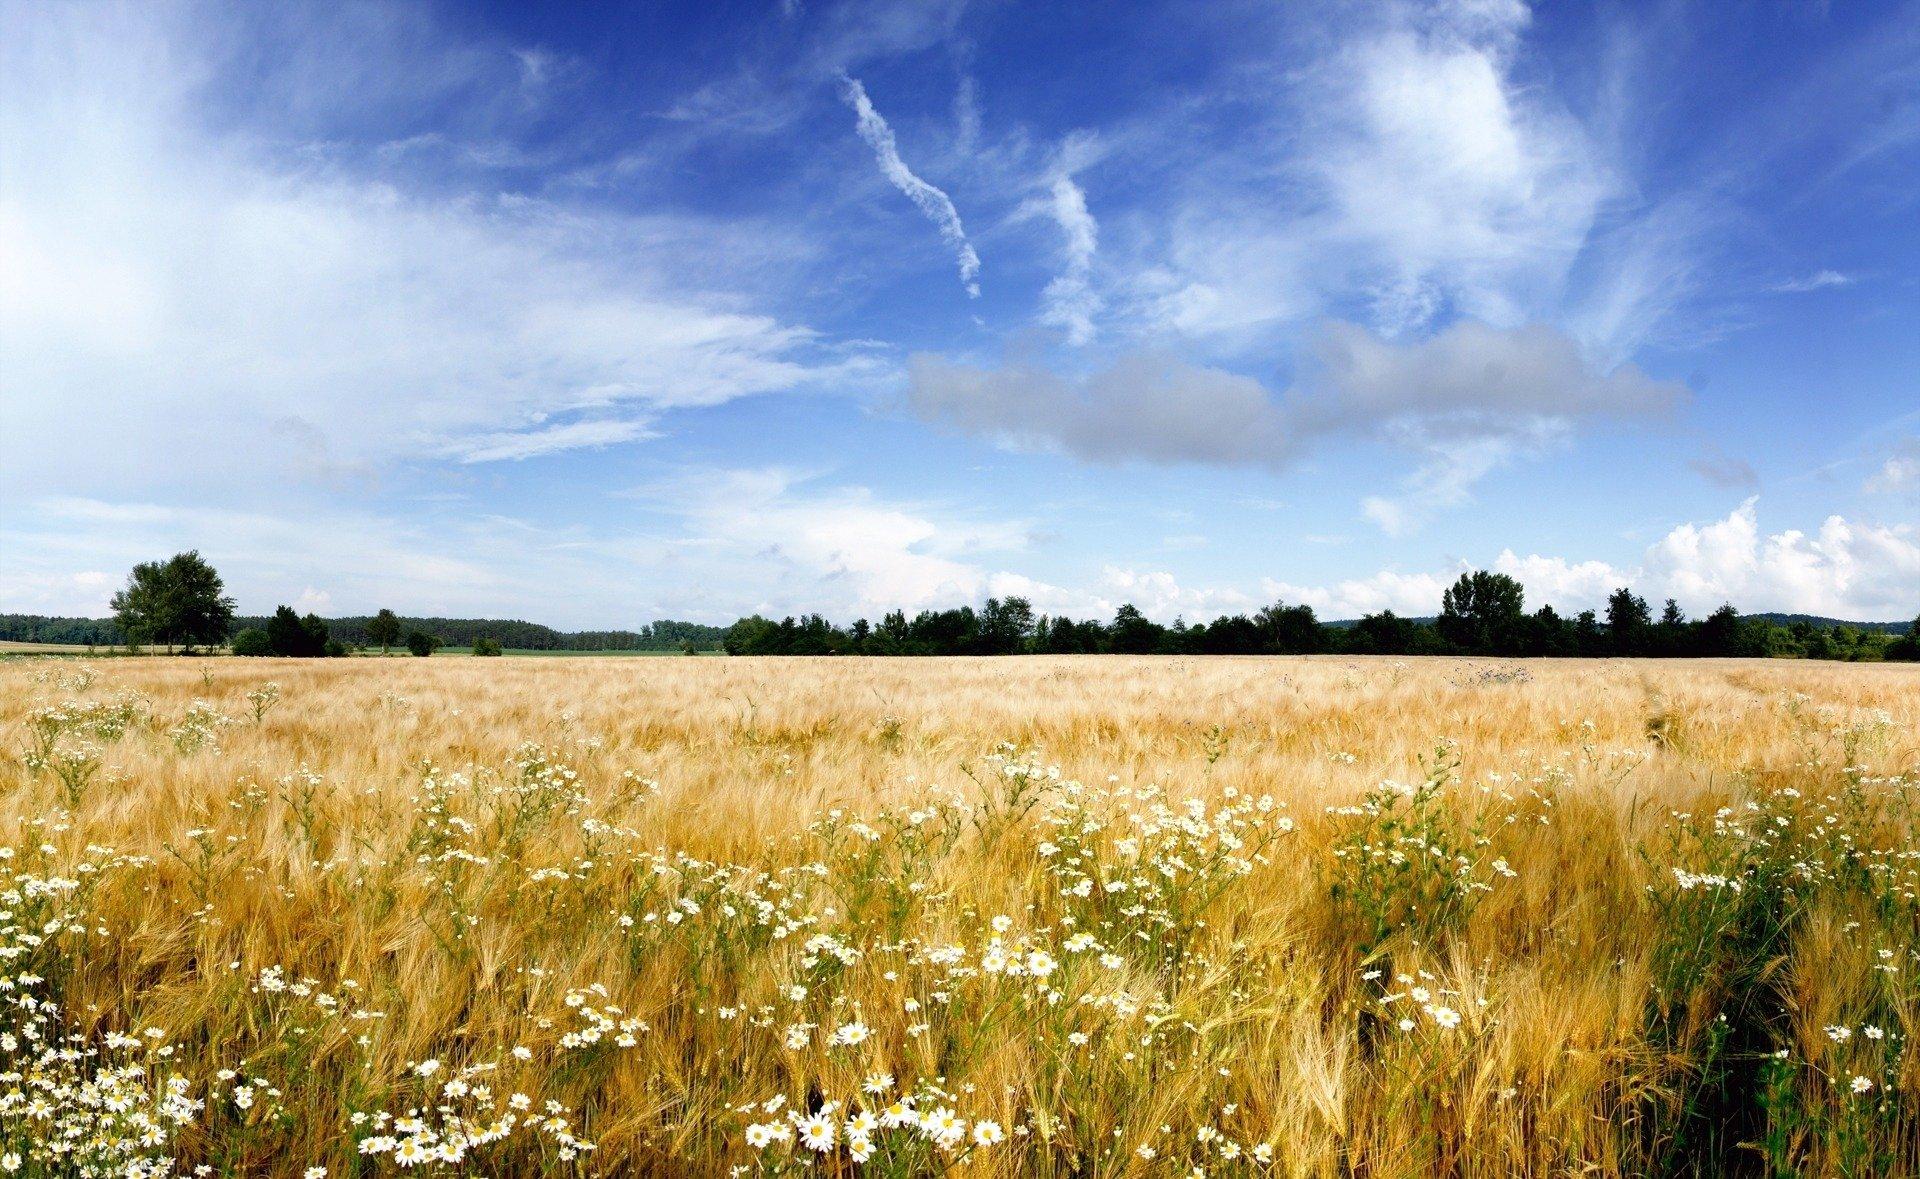 природа облака небо горизонт поле  № 204333 загрузить